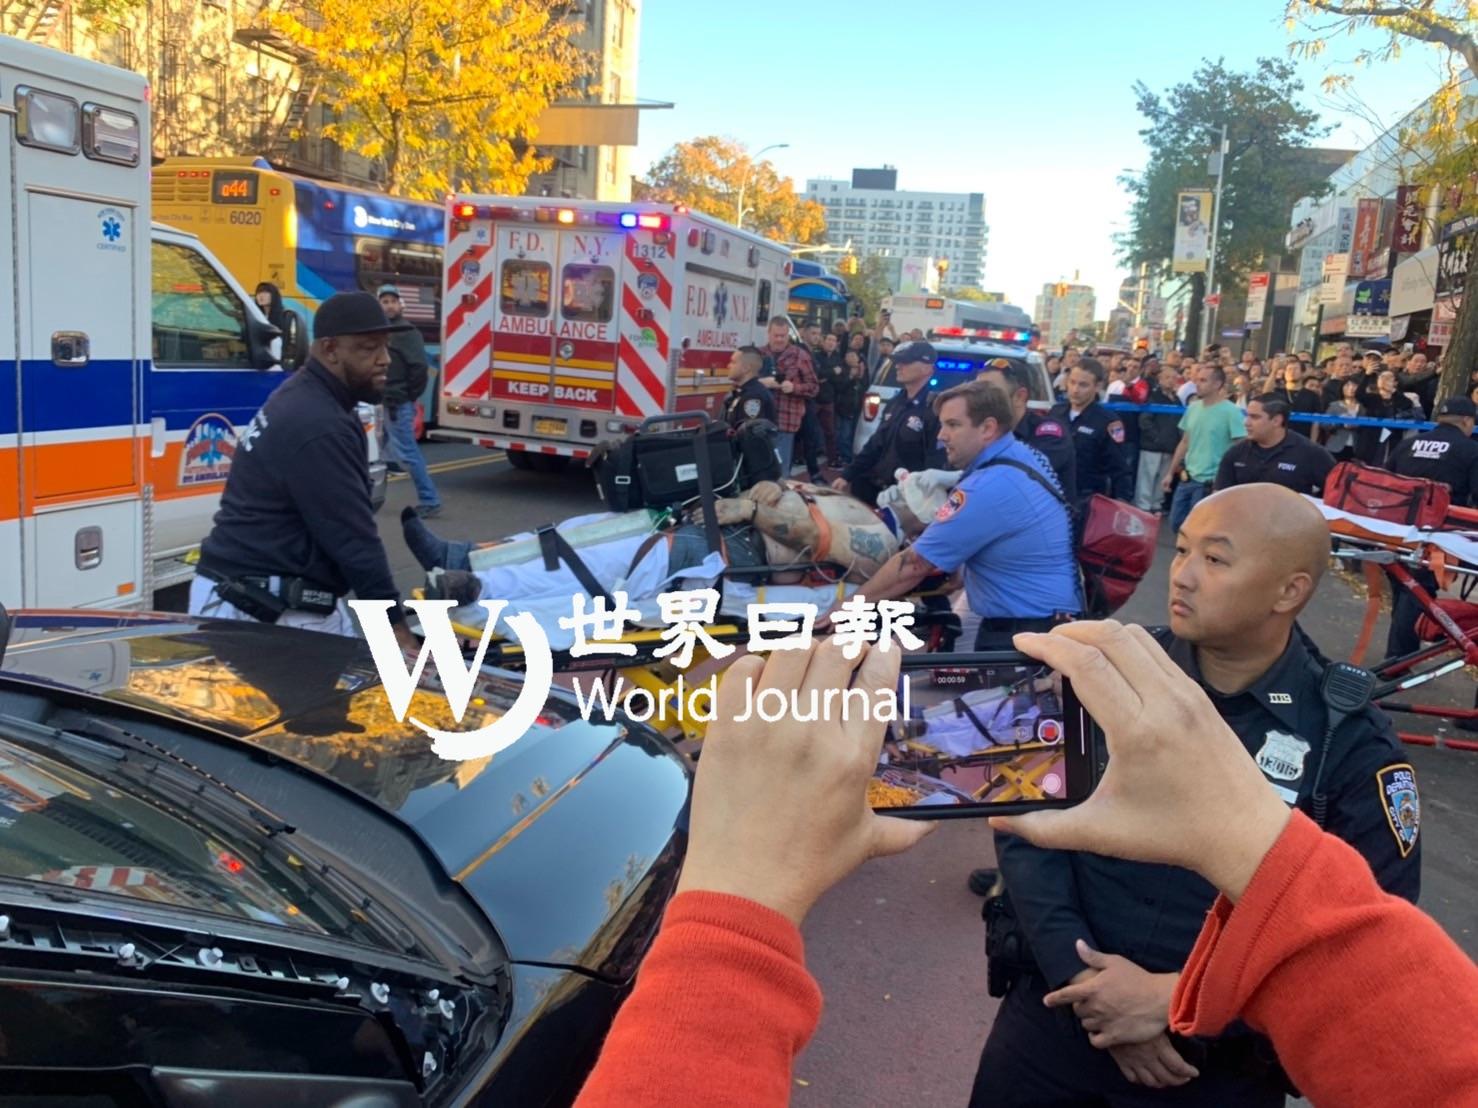 紐約法拉盛一棟大樓,樓上有民眾跳下 ,警方已趕至現場救援。記者朱蕾/攝影